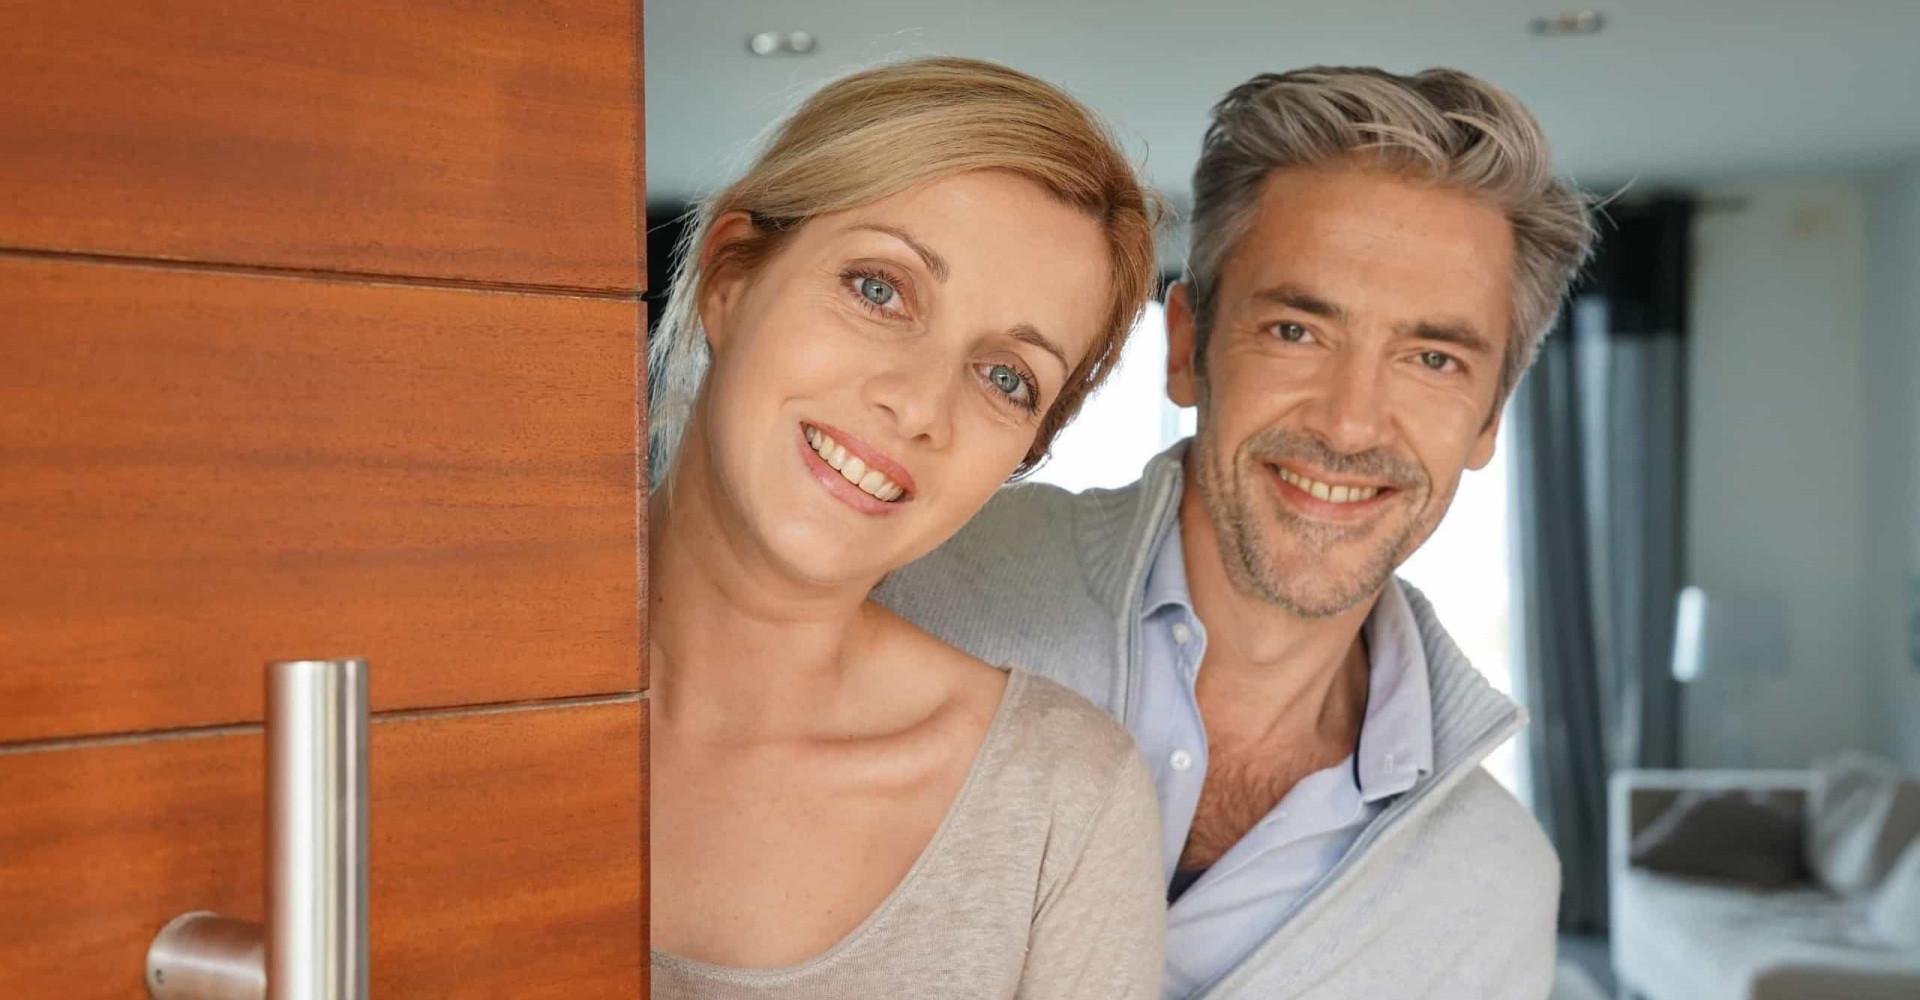 Opnieuw bij ouders wonen is mentaal ongezond